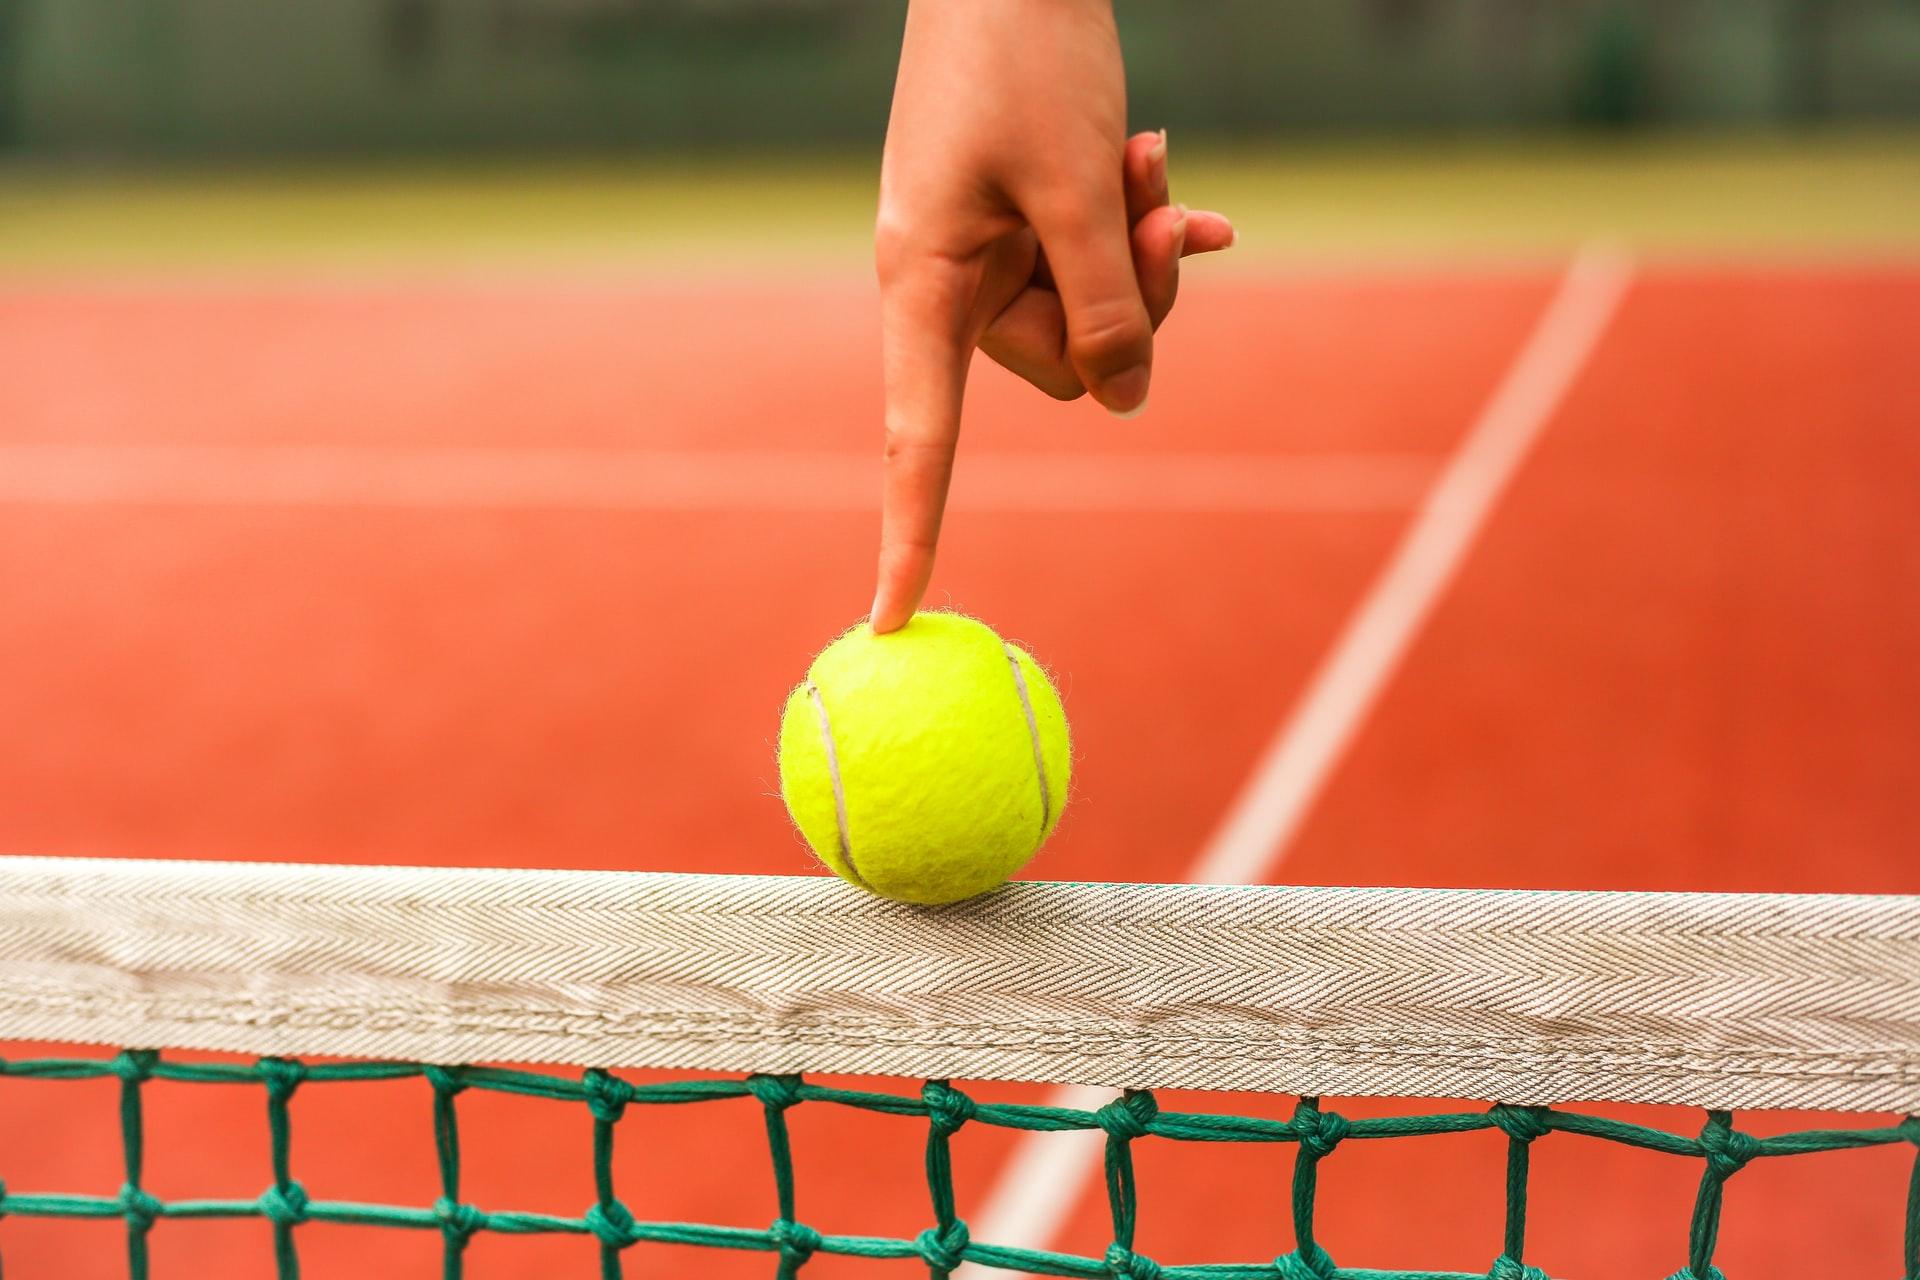 Grootste fouten tenniswedstrijd